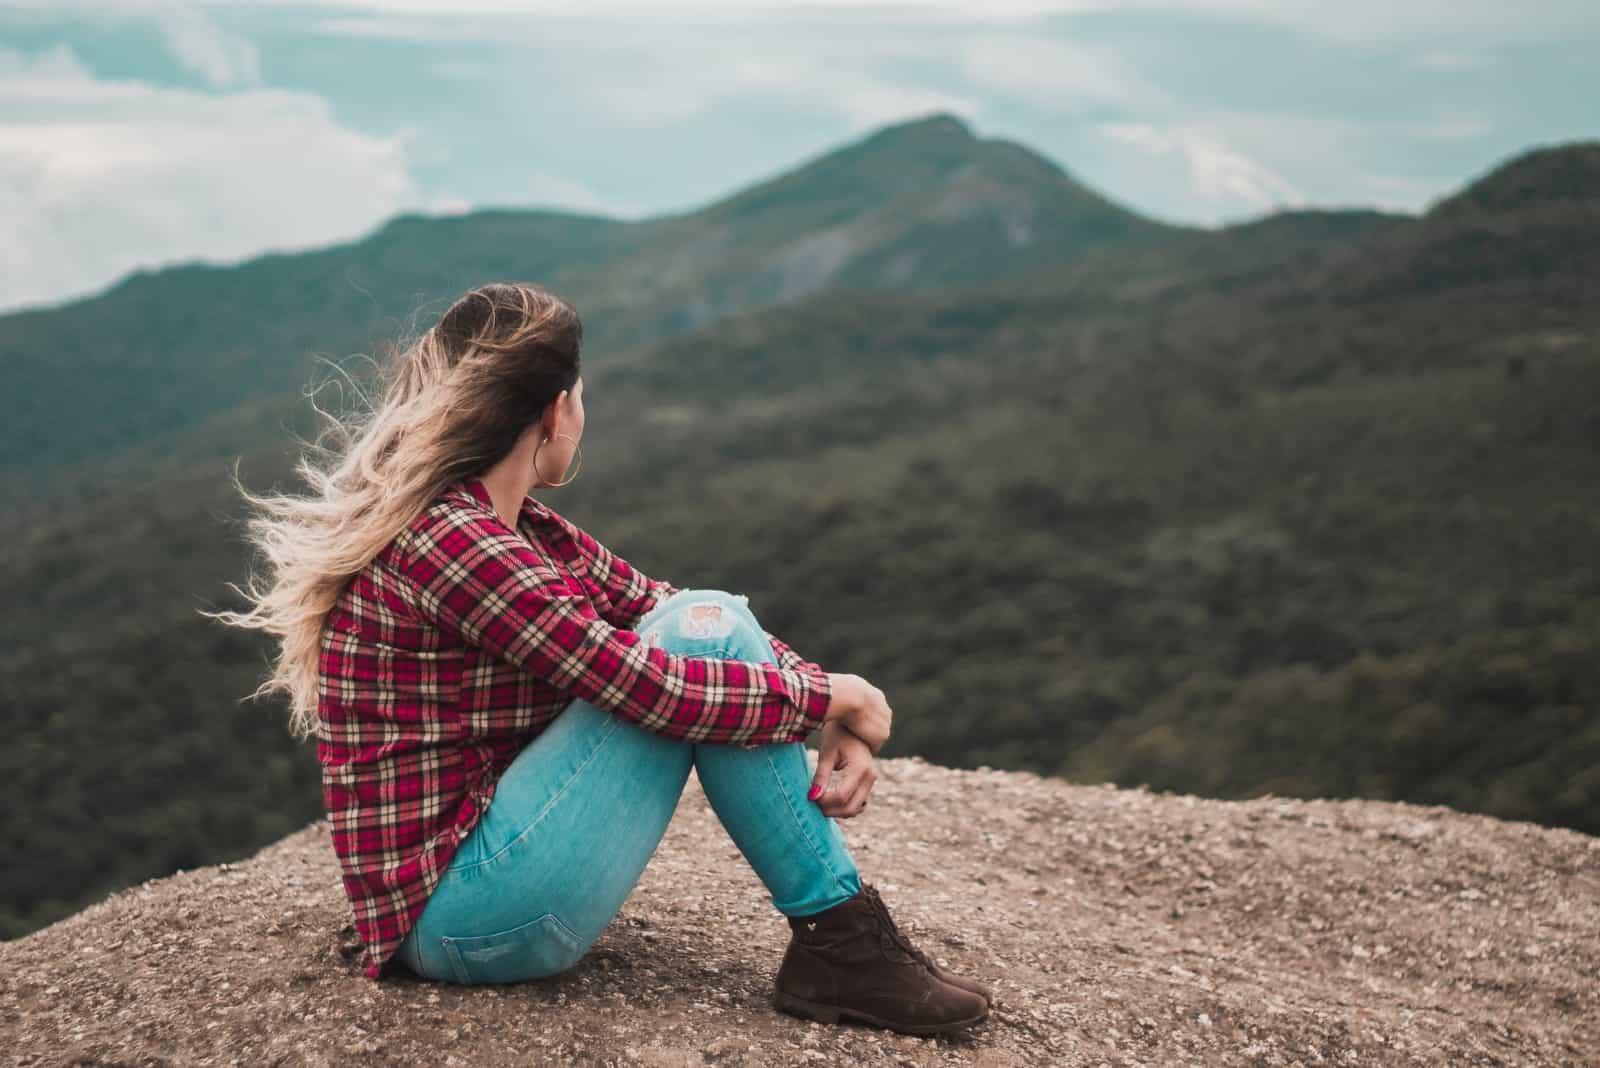 femme assise sur le sol regardant la montagne